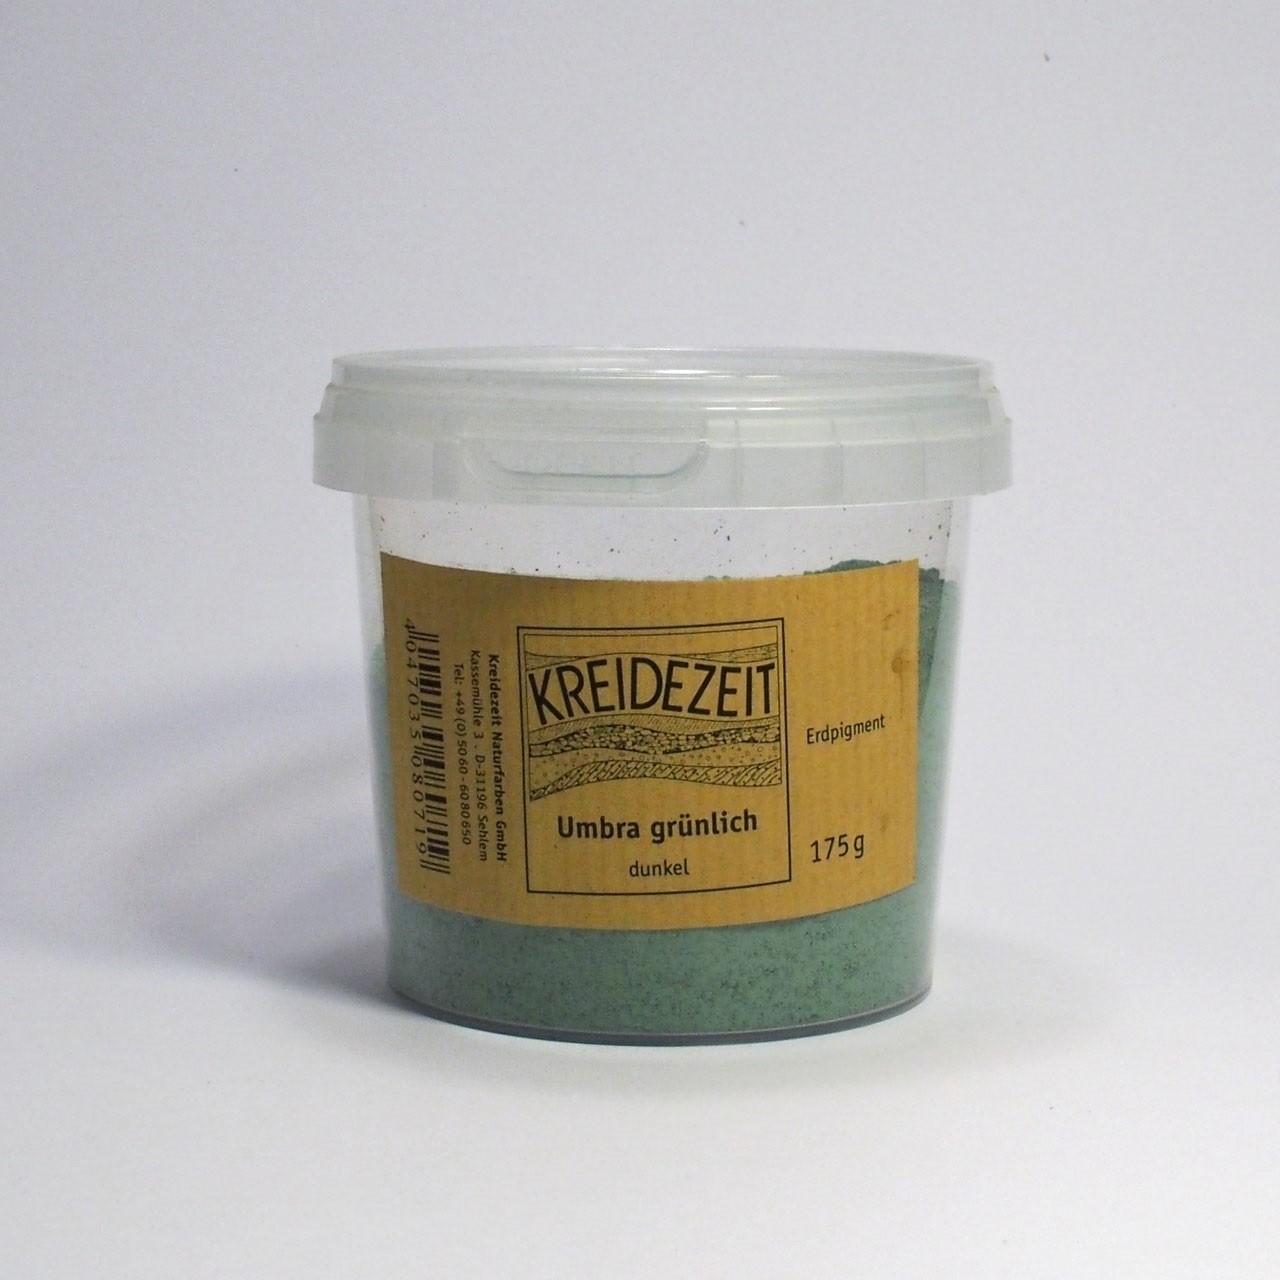 Kreidezeit Pigment Umbra grünlich, dunkel